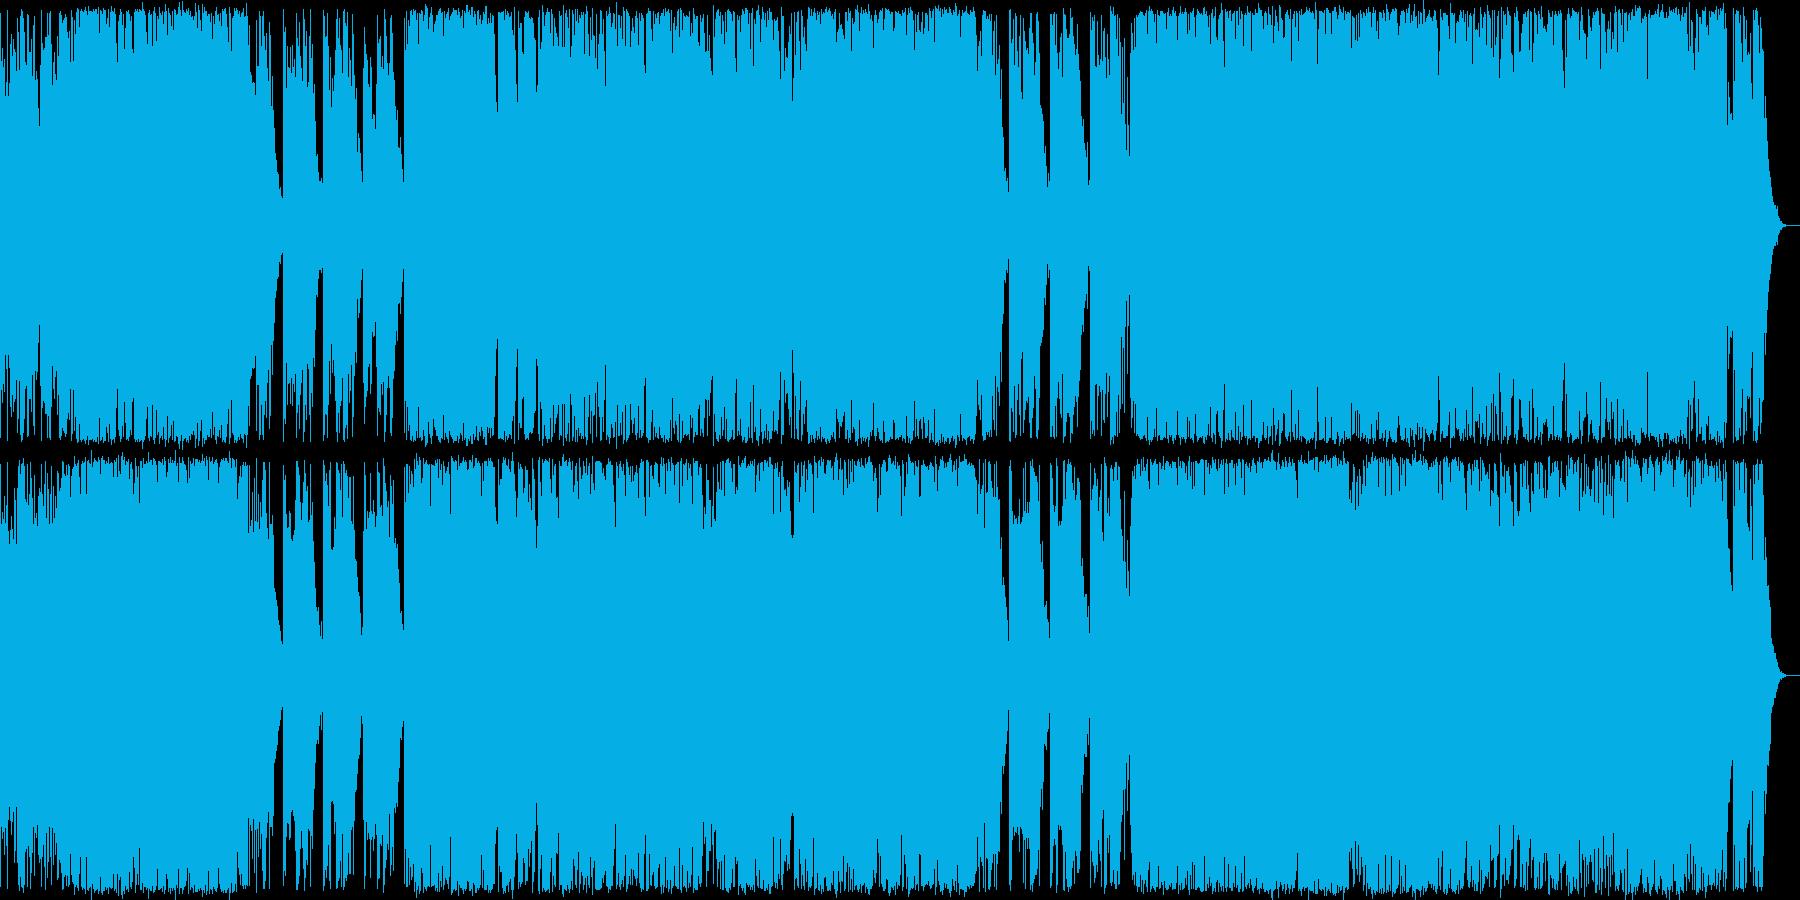 ハロウィン系BGMジャックオーランタン の再生済みの波形